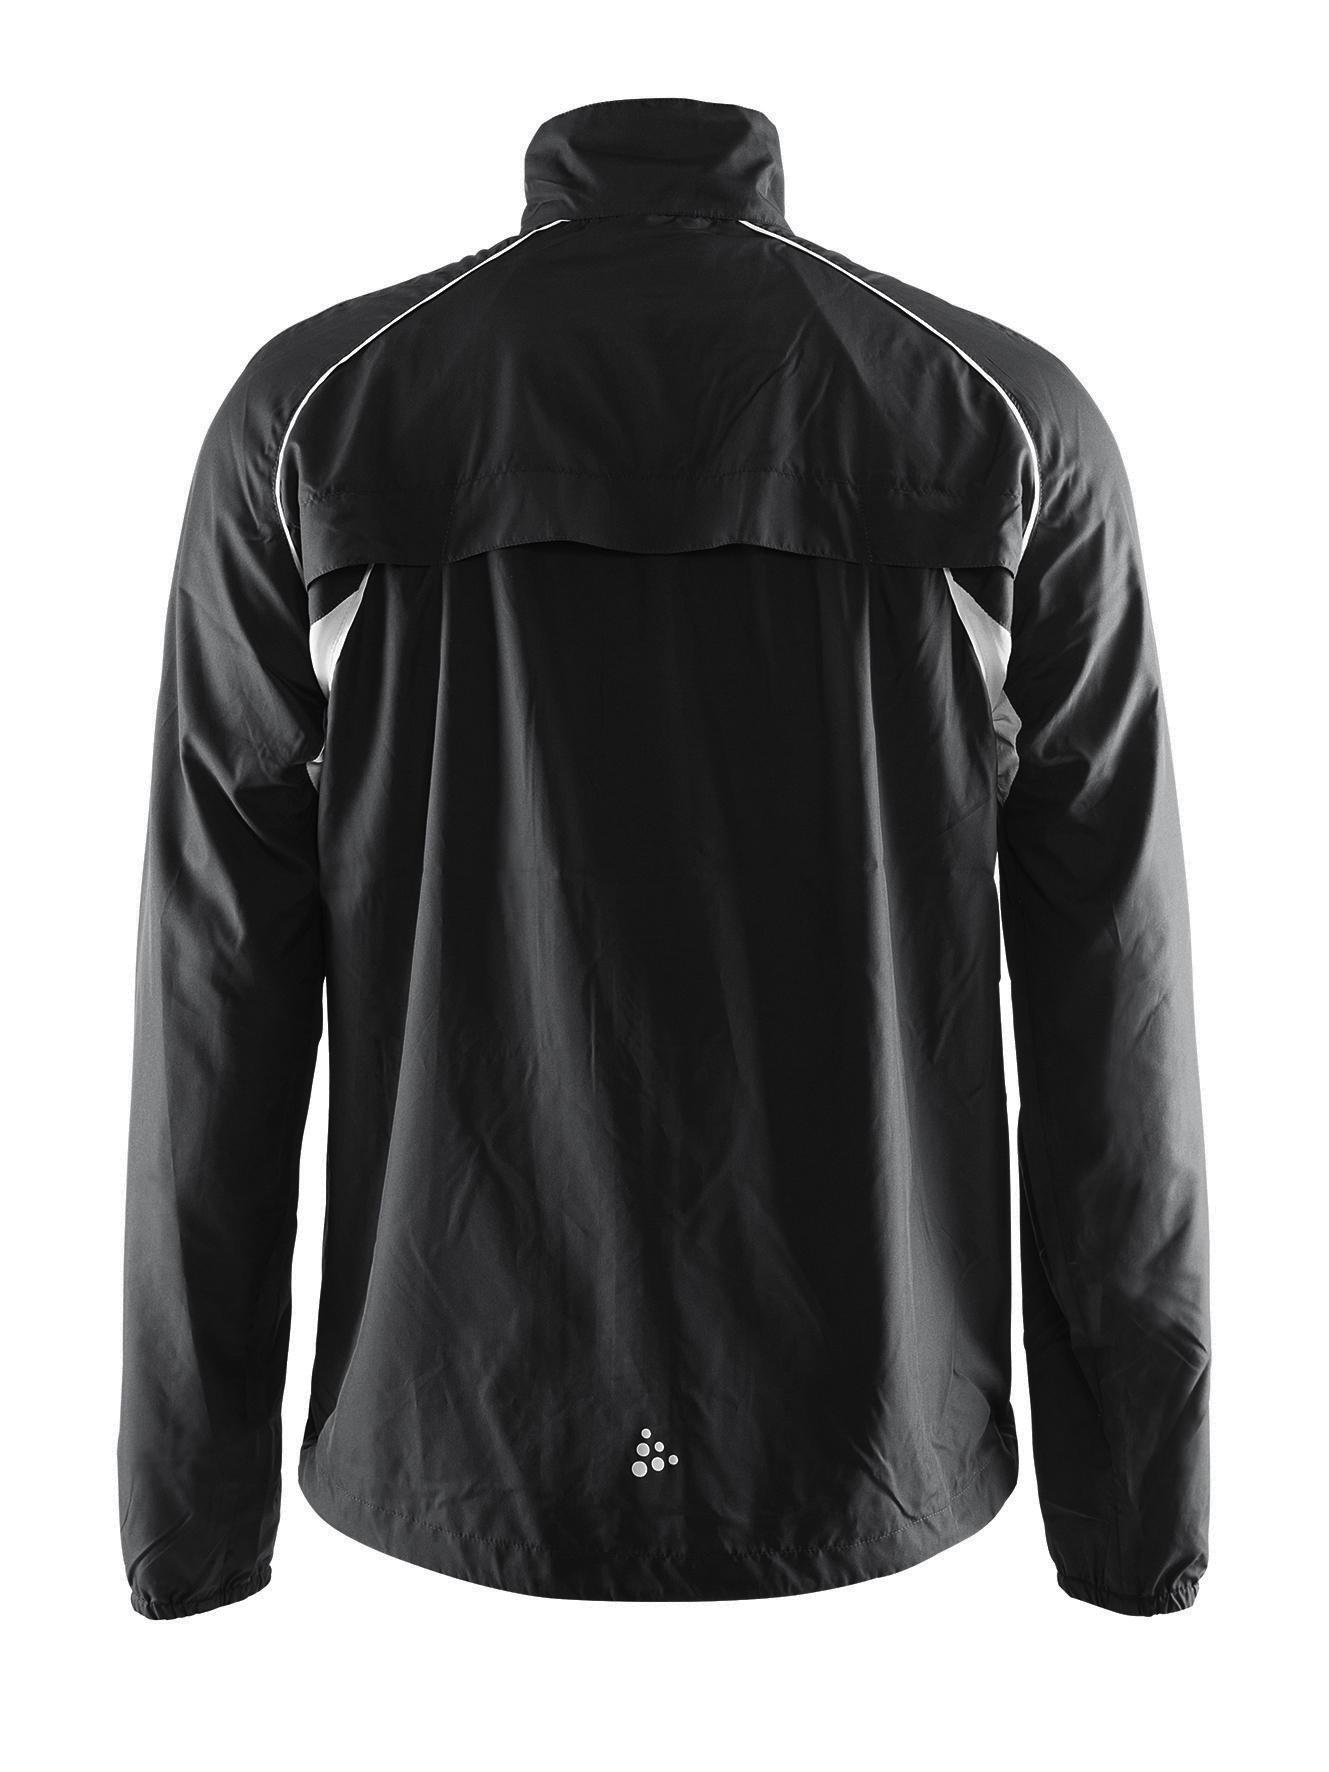 Женская куртка Craft Track and Field черная (1901249-2999) фото